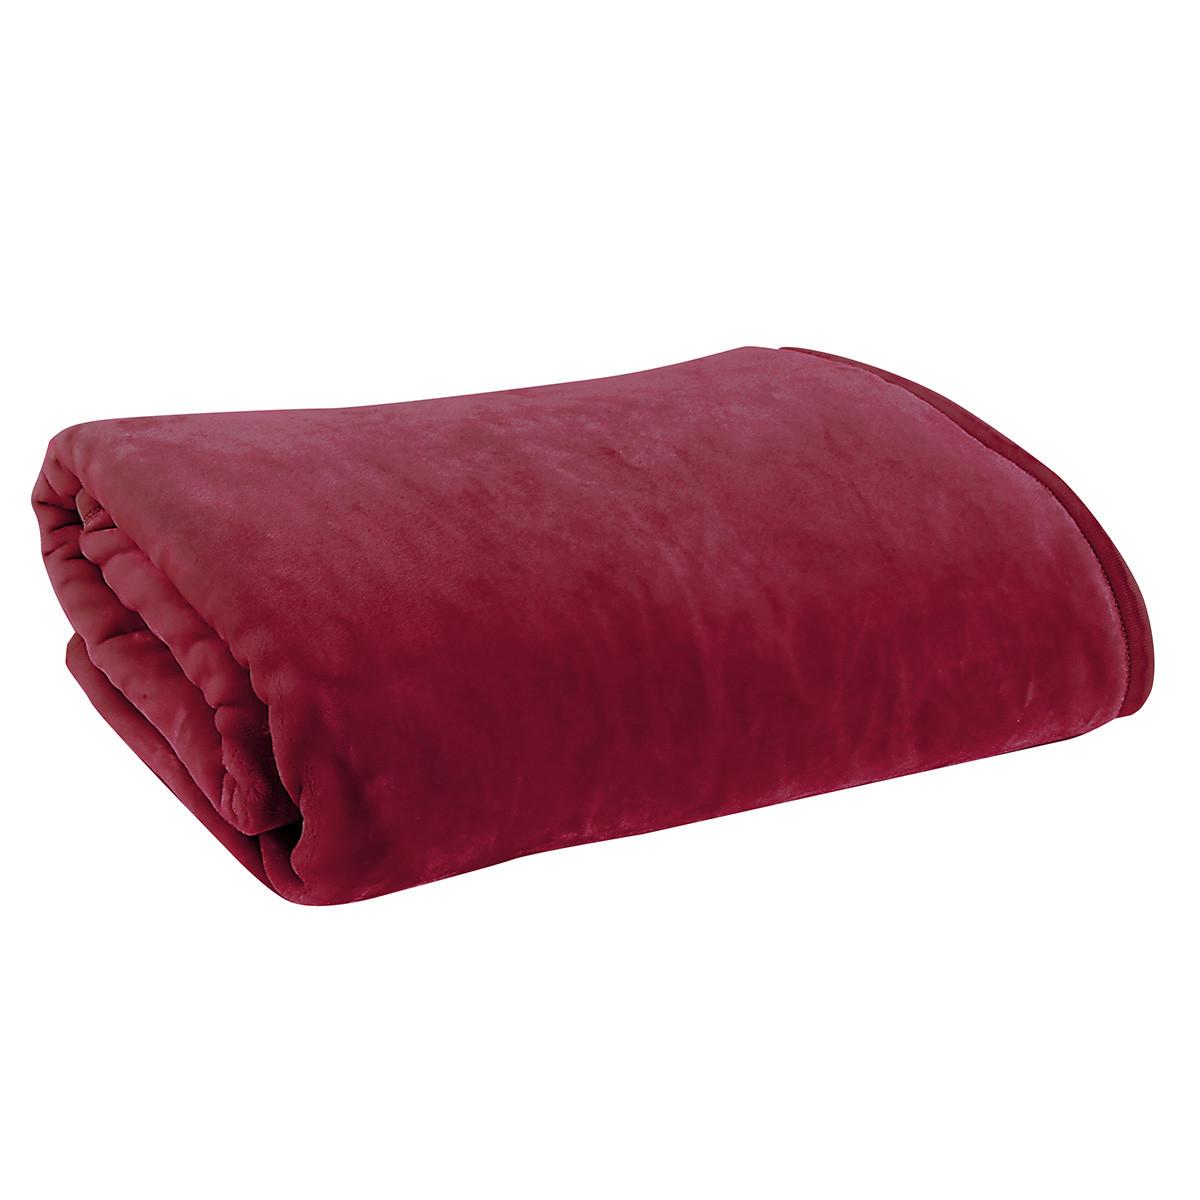 Κουβέρτα Βελουτέ Υπέρδιπλη Nef-Nef Loft Bordo home   κρεβατοκάμαρα   κουβέρτες   κουβέρτες βελουτέ υπέρδιπλες